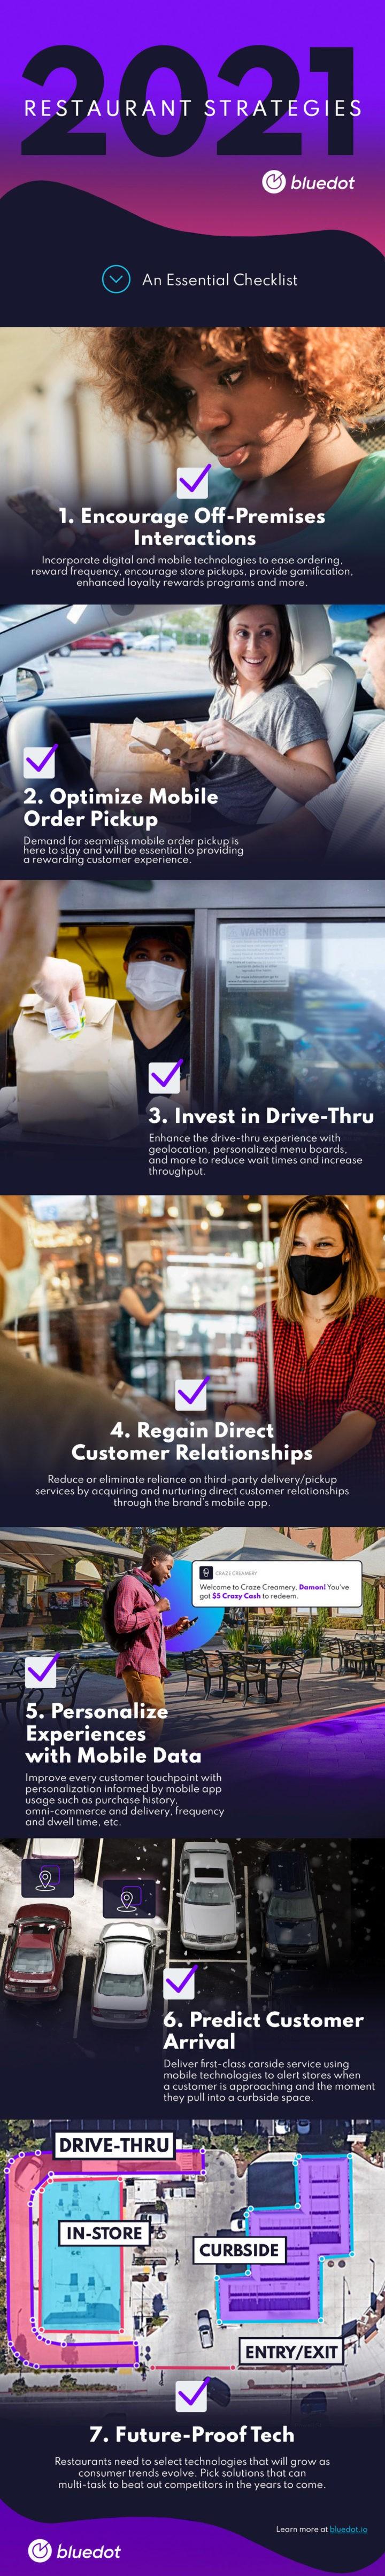 Infographic 2021 Restaurant Strategies - An Essential Checklist